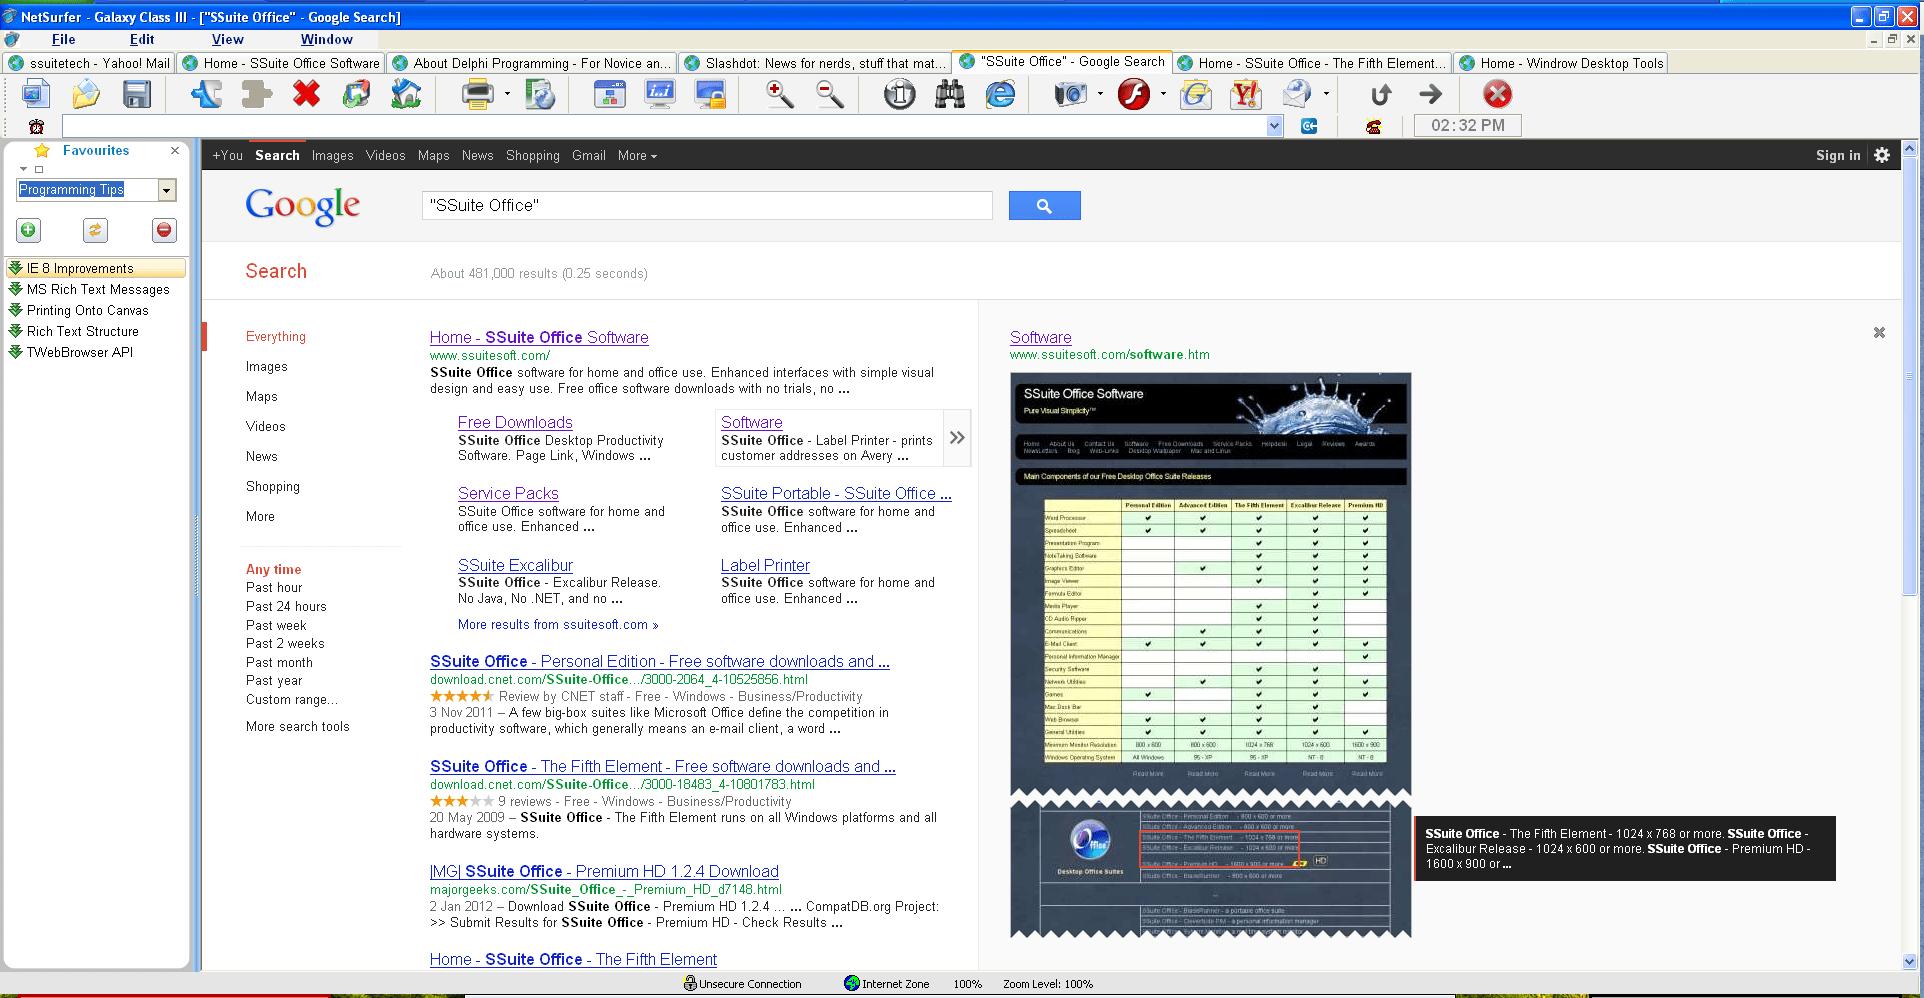 SSuite Office Premium HD